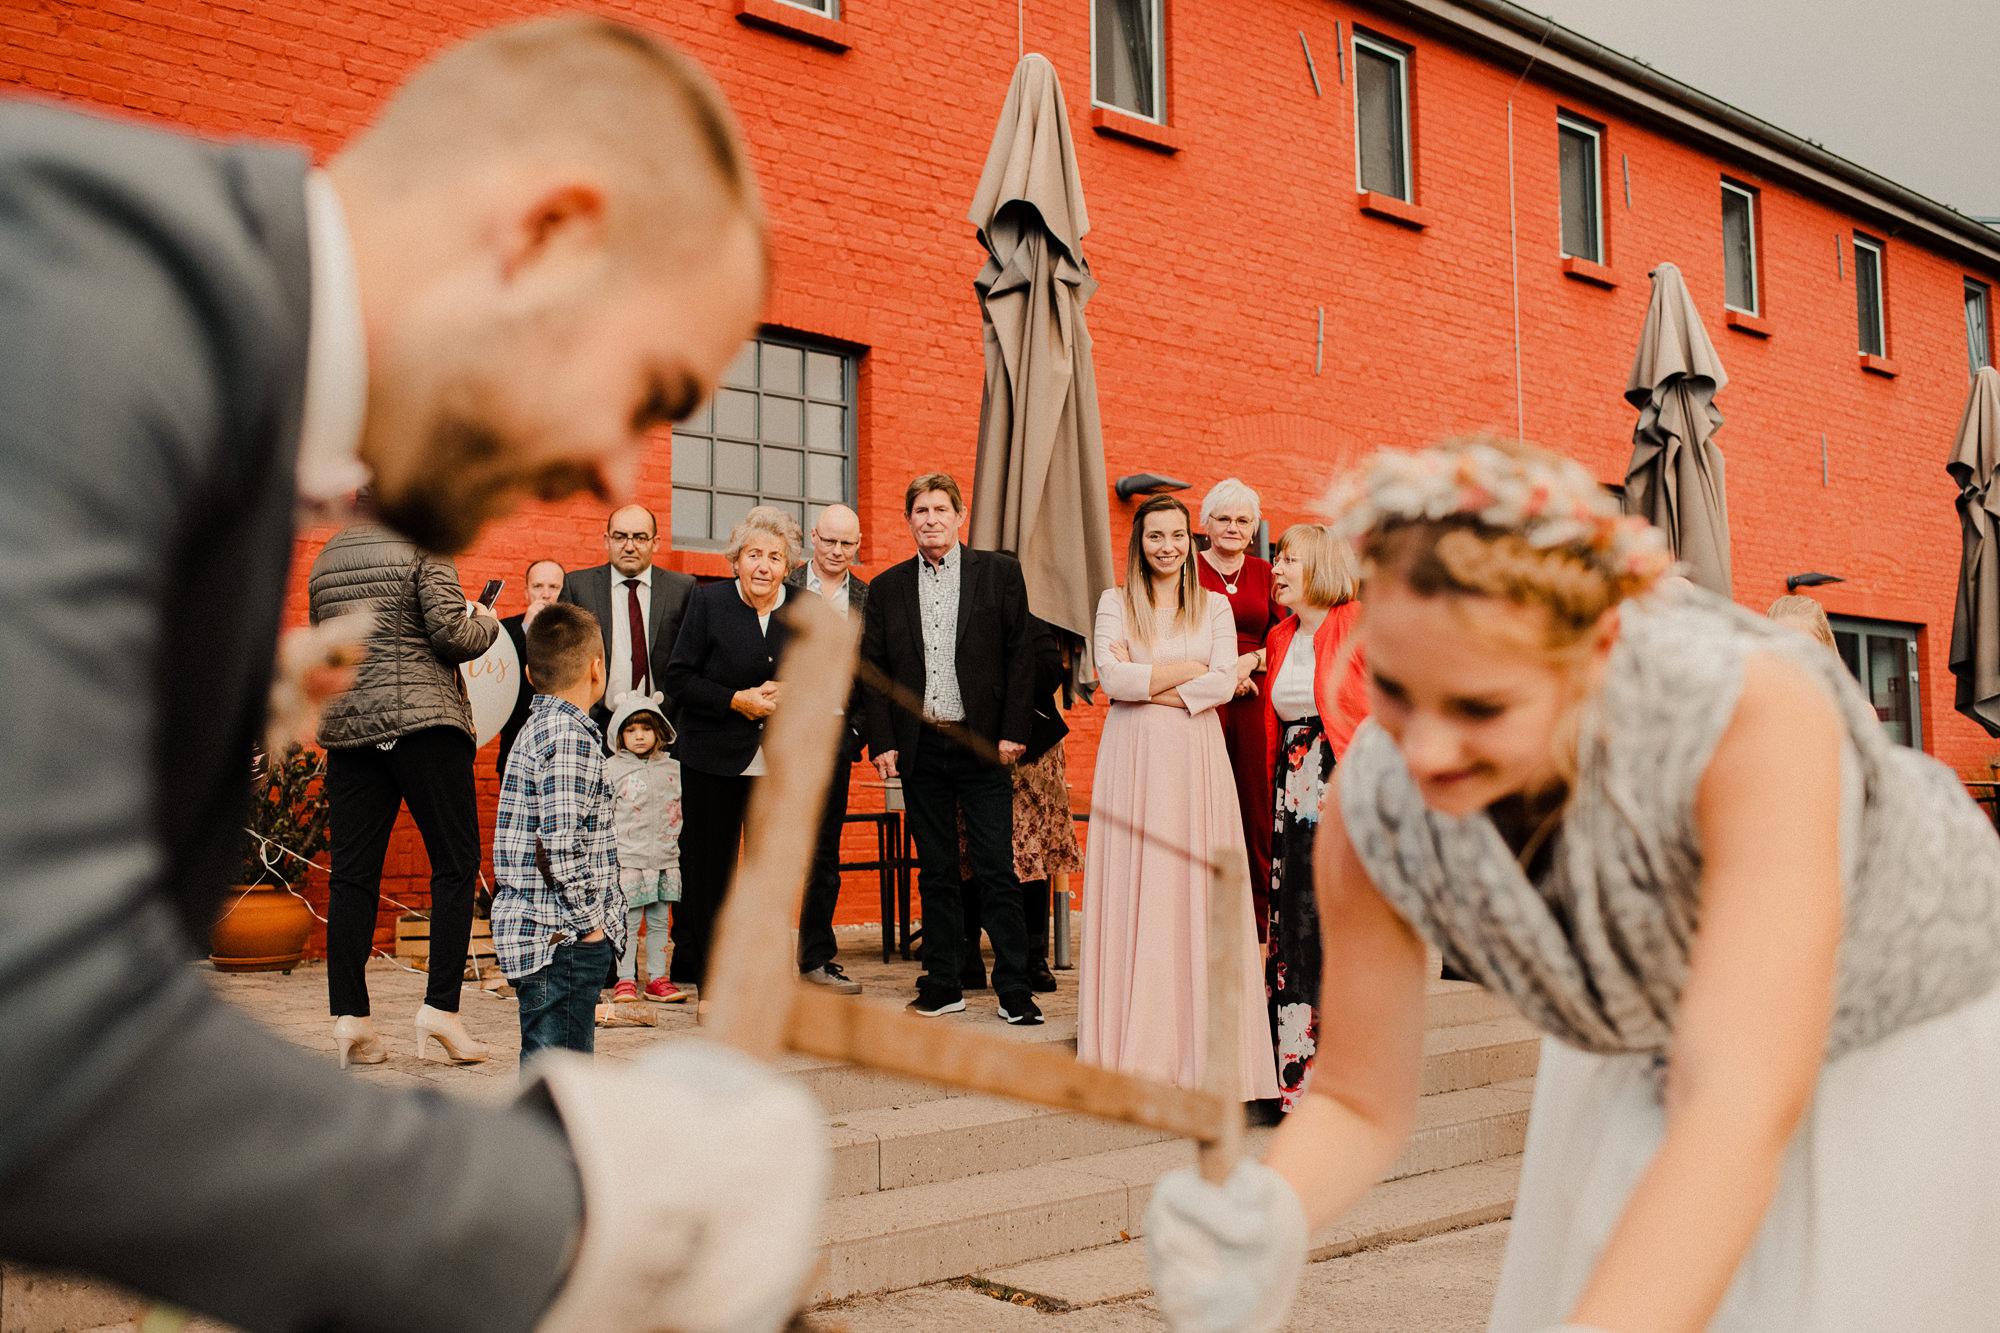 Hochzeitsfotograf - Stralsund - Scheelehof - Hochzeitsfeier - Minimanufaktur Parow - Fotograf - Standesamt - Stralsund - Brautpaarshooting - Hochzeitsshooting